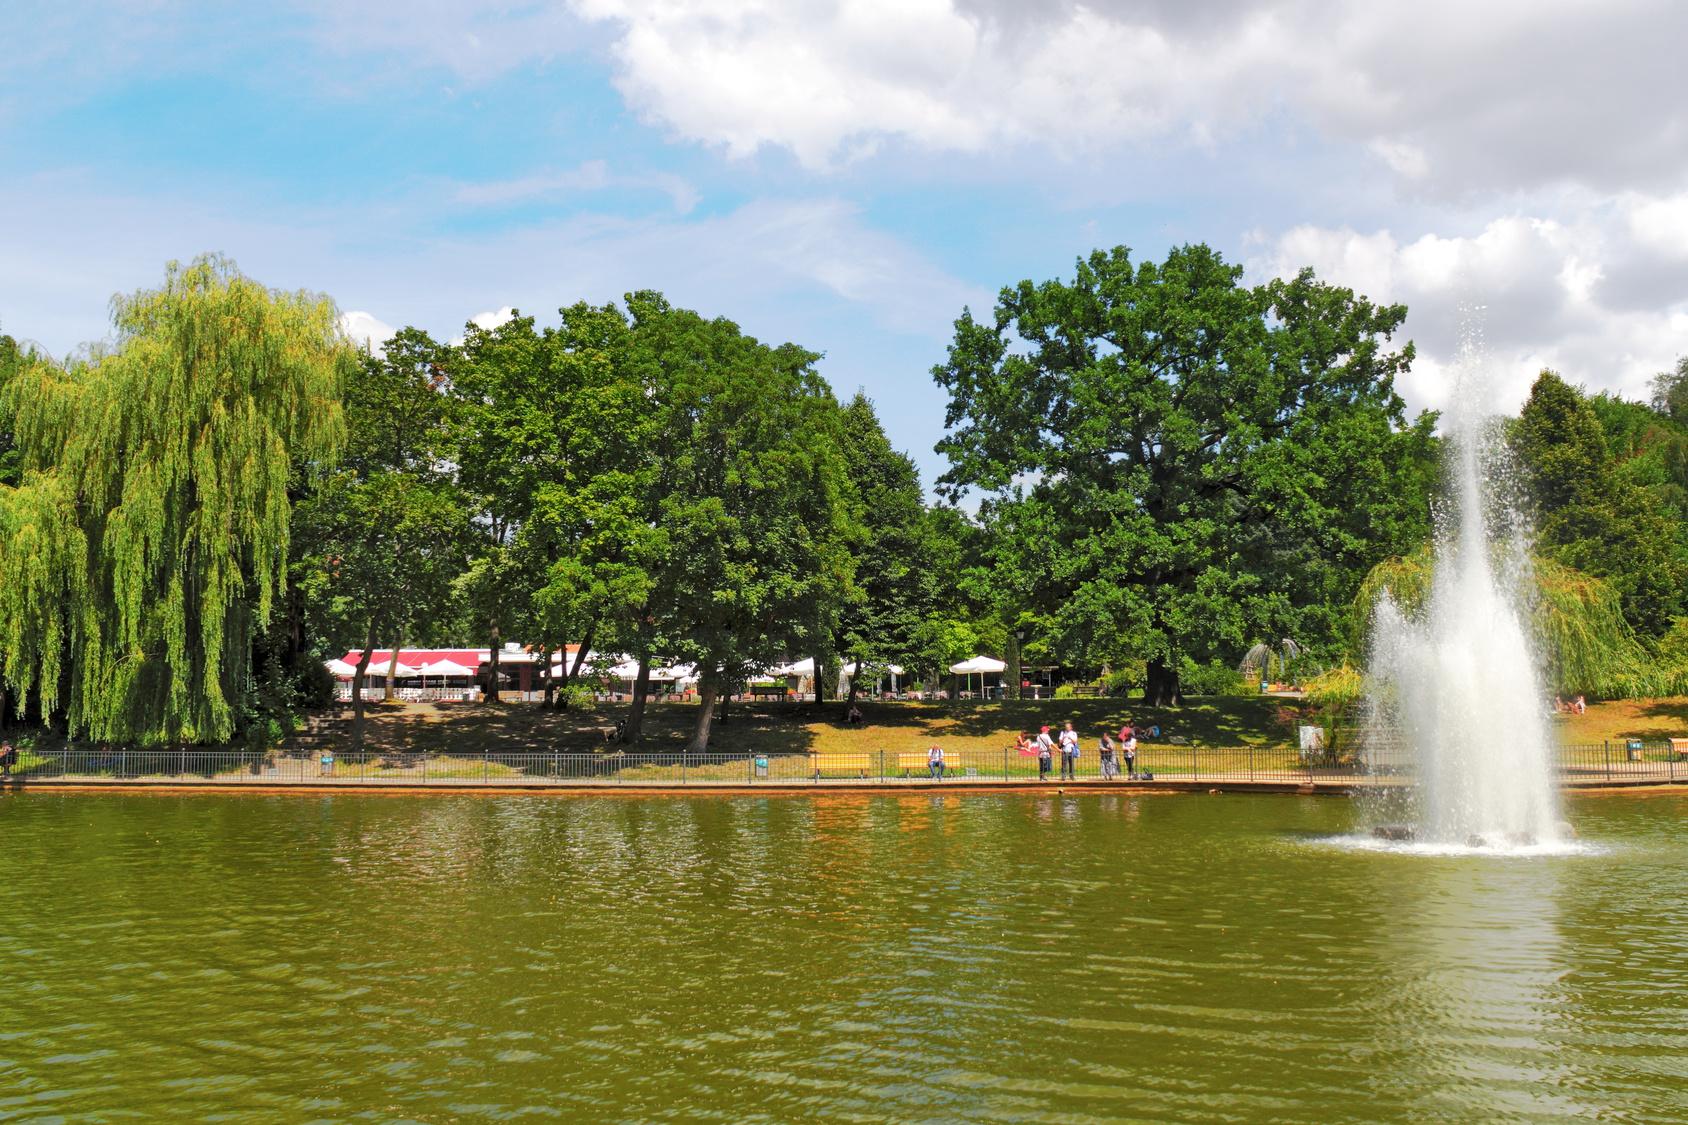 Volkspark Friedrichshain